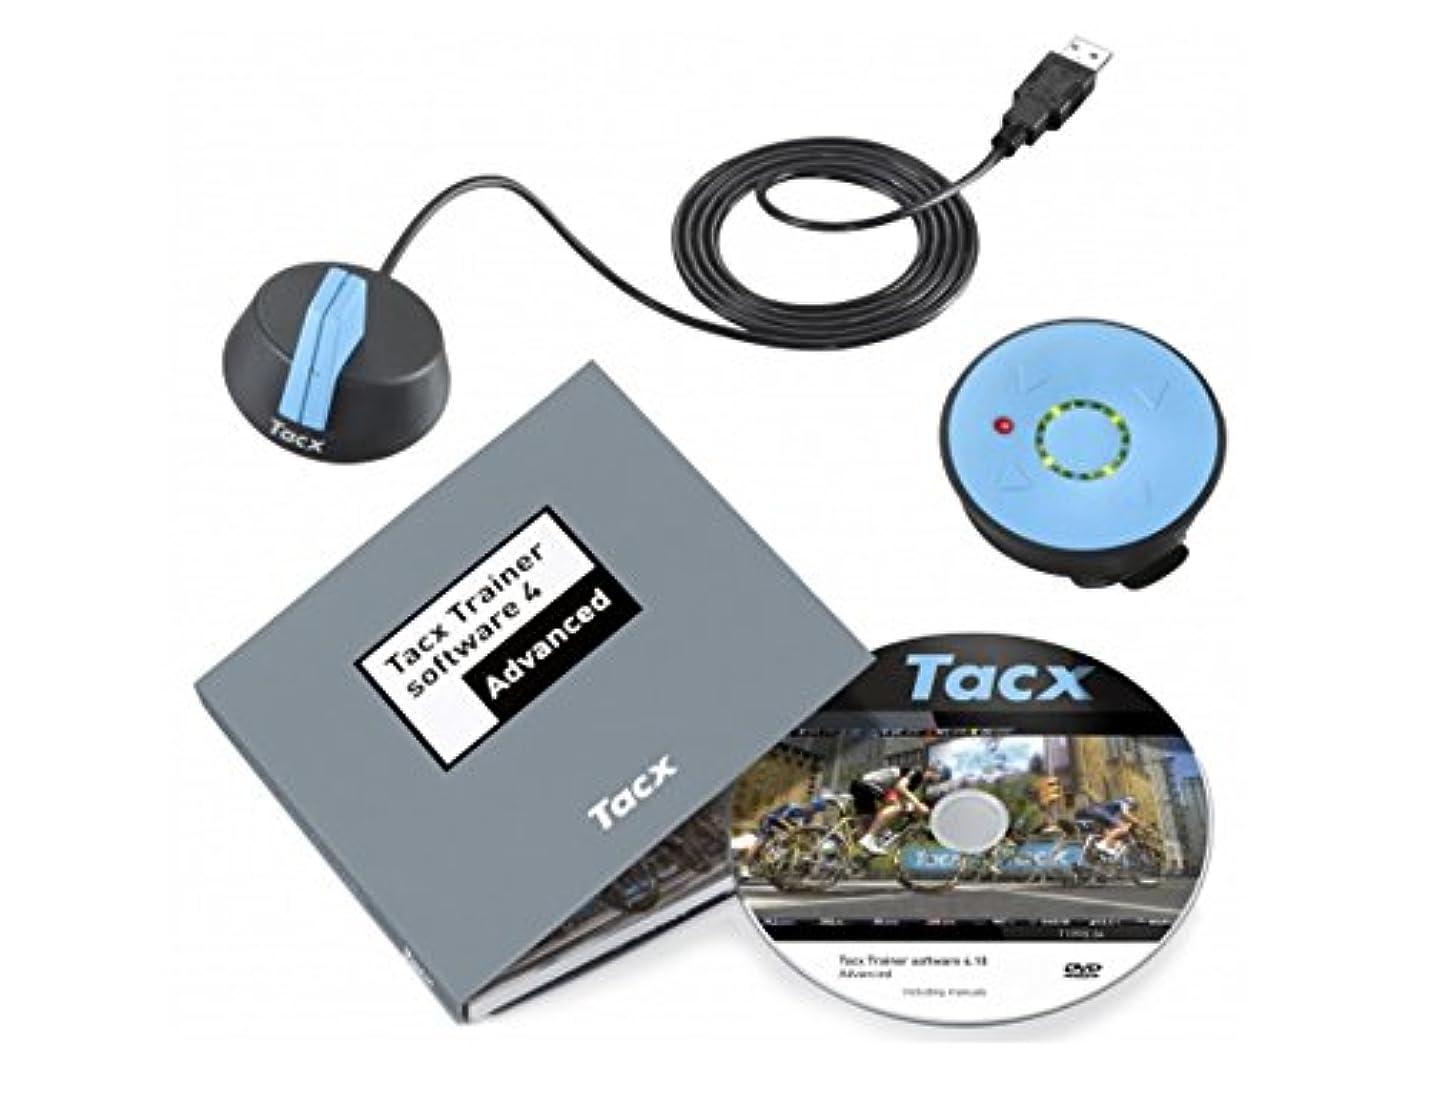 眉をひそめる旋律的他の場所Tacx(タックス) Upgrade Smart Windows PC Smartシリーズアップグレードキット ?Tacx Triner Softwere 4 Advanced for Windows PC/ANT+アンテナ/ANT+コントローラー